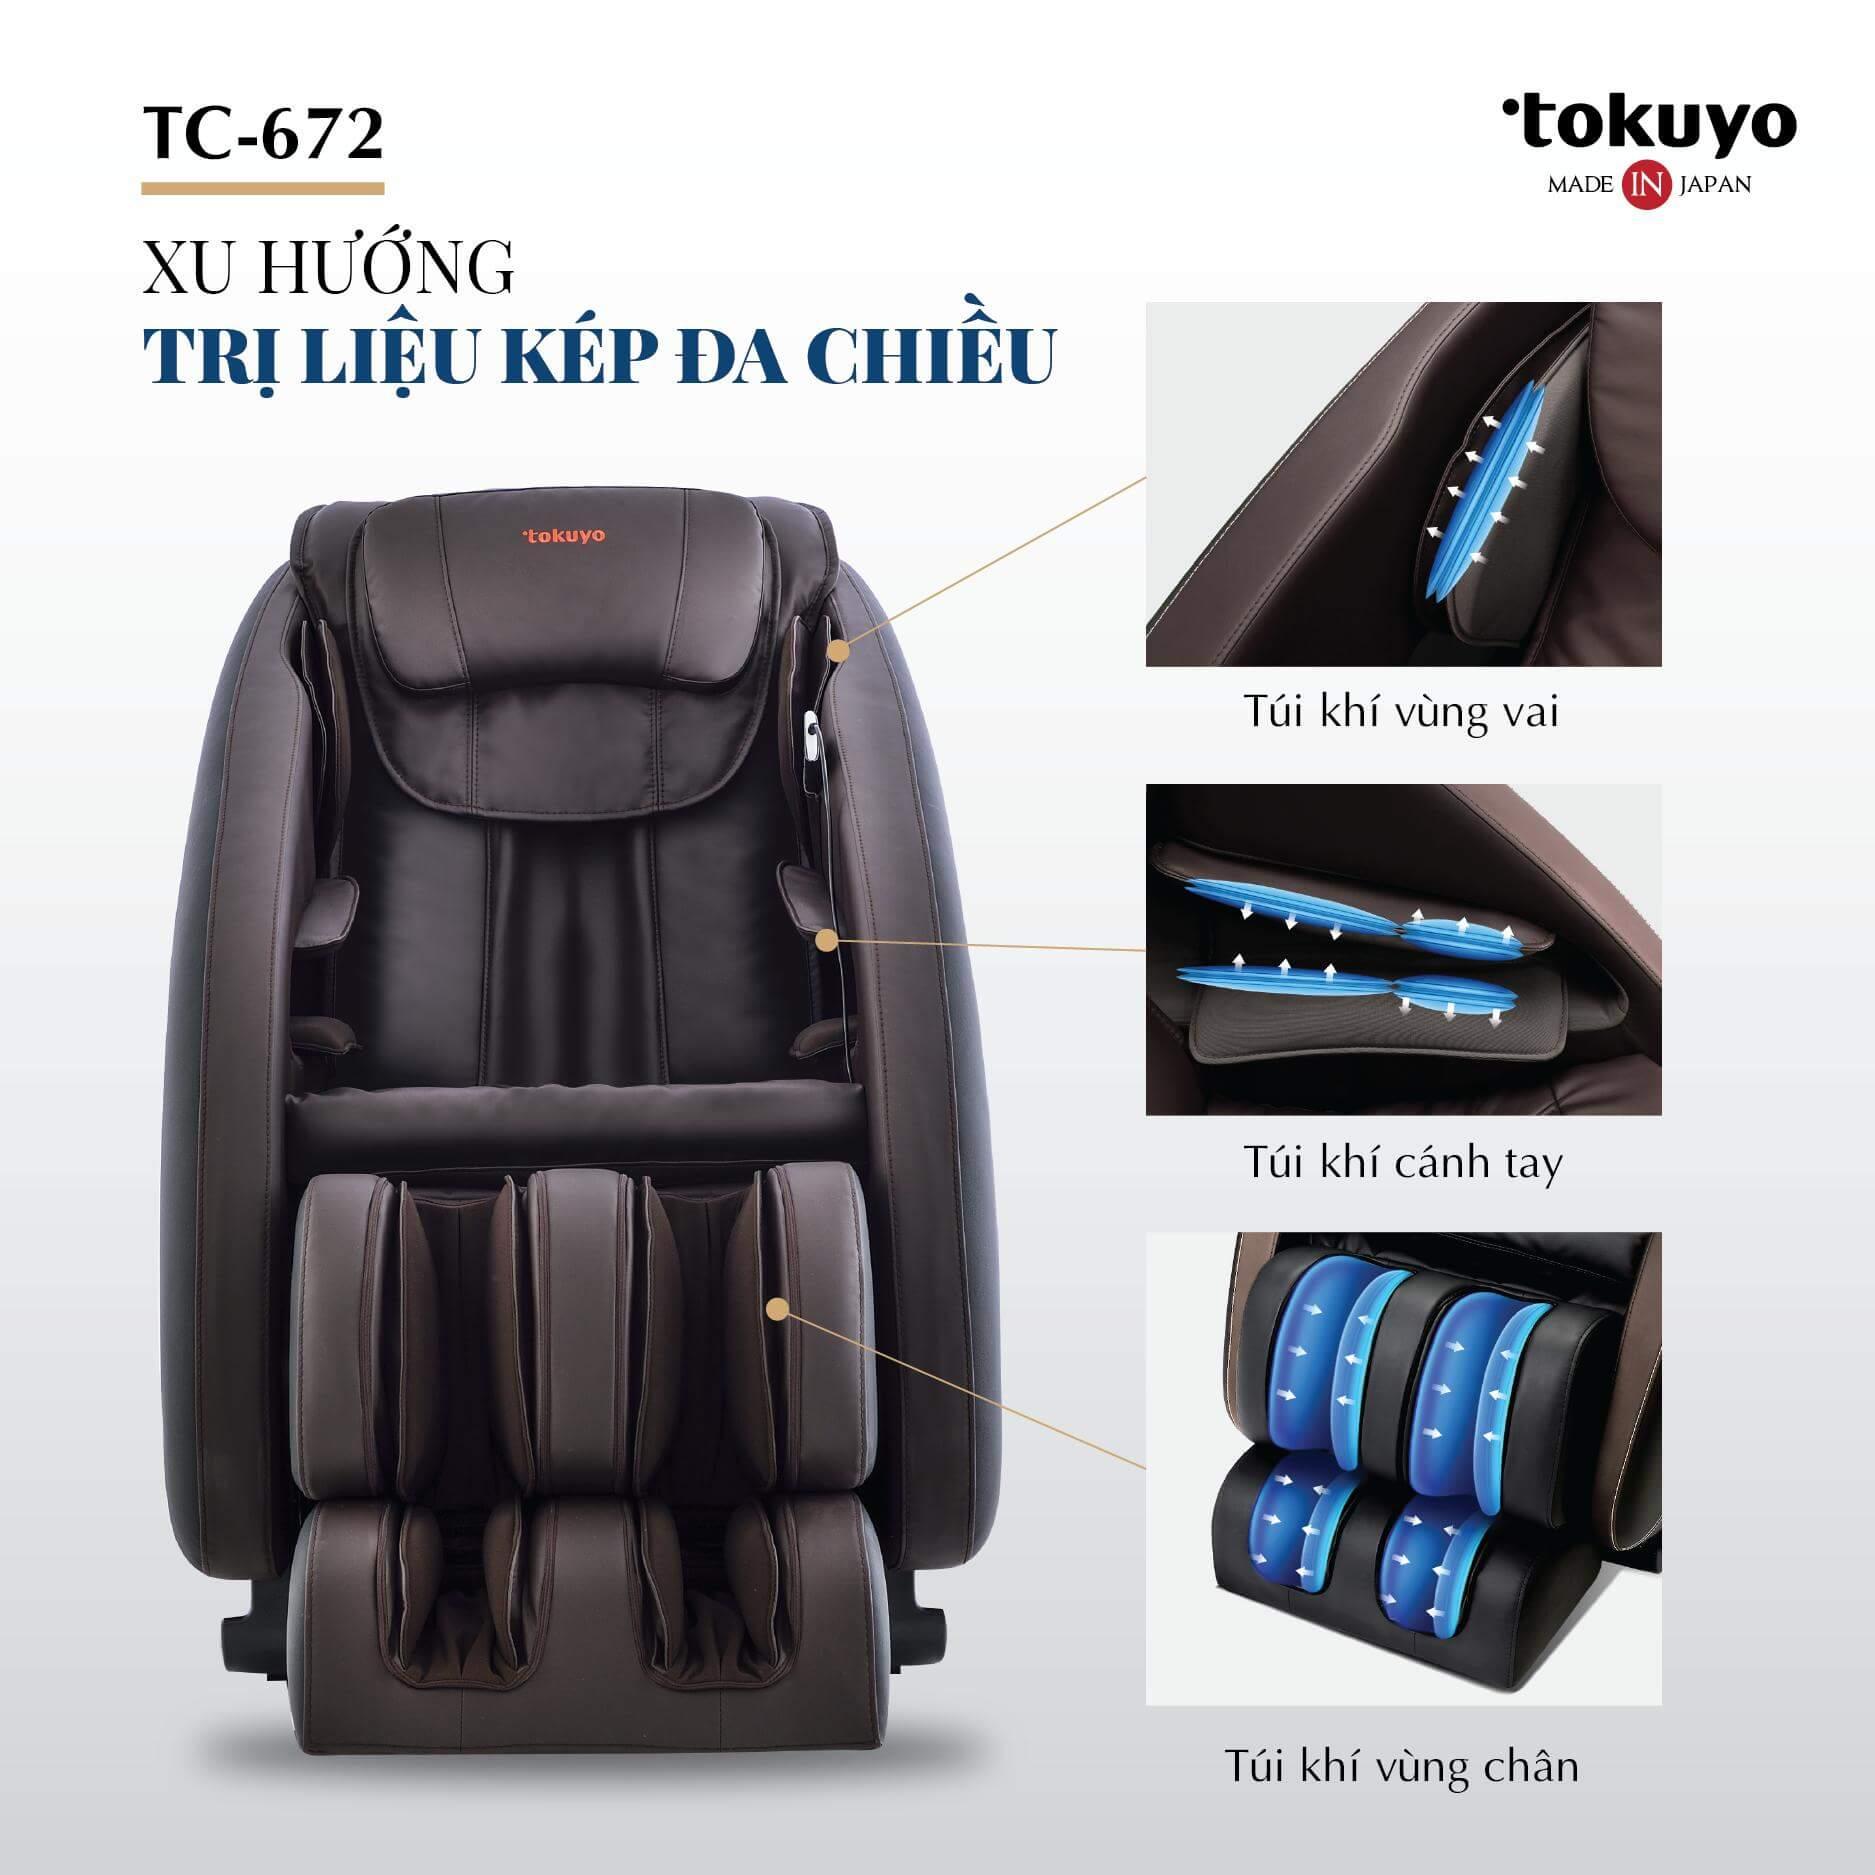 Đánh giá Ghế Massage toàn thân giá rẻ TC-672